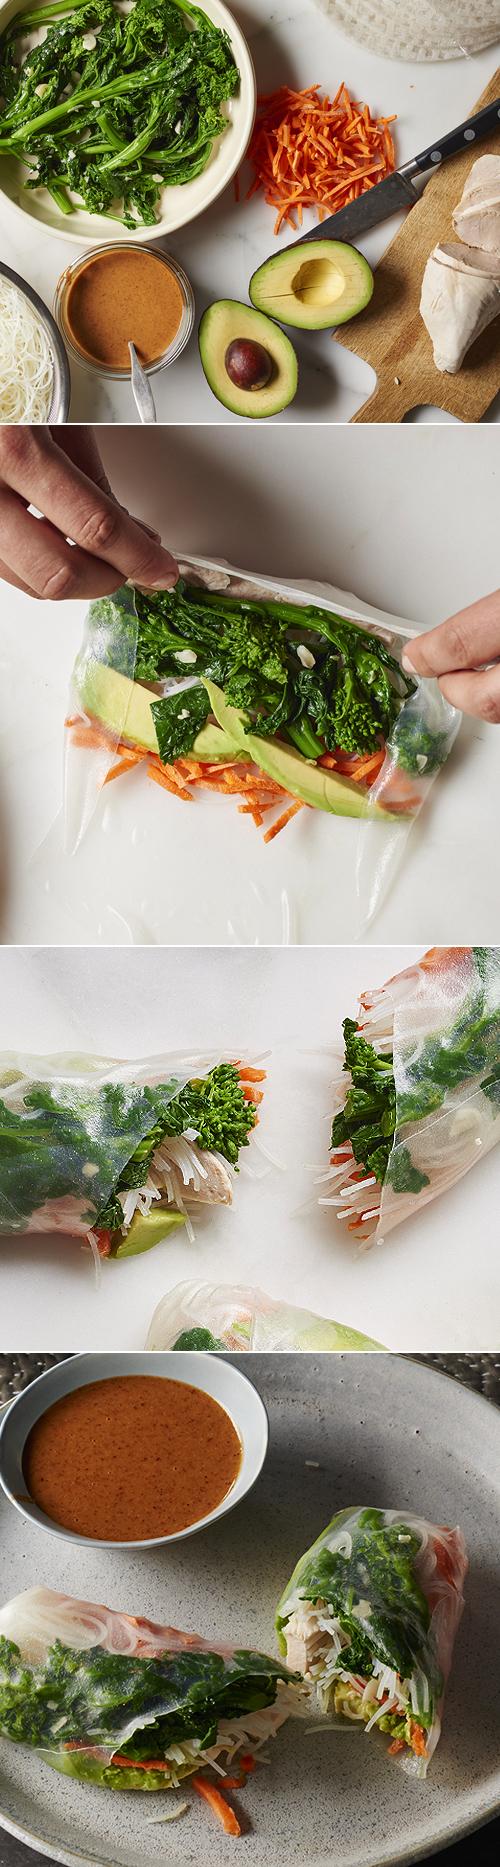 Andy Boy Broccoli Rabe Salad Rolls